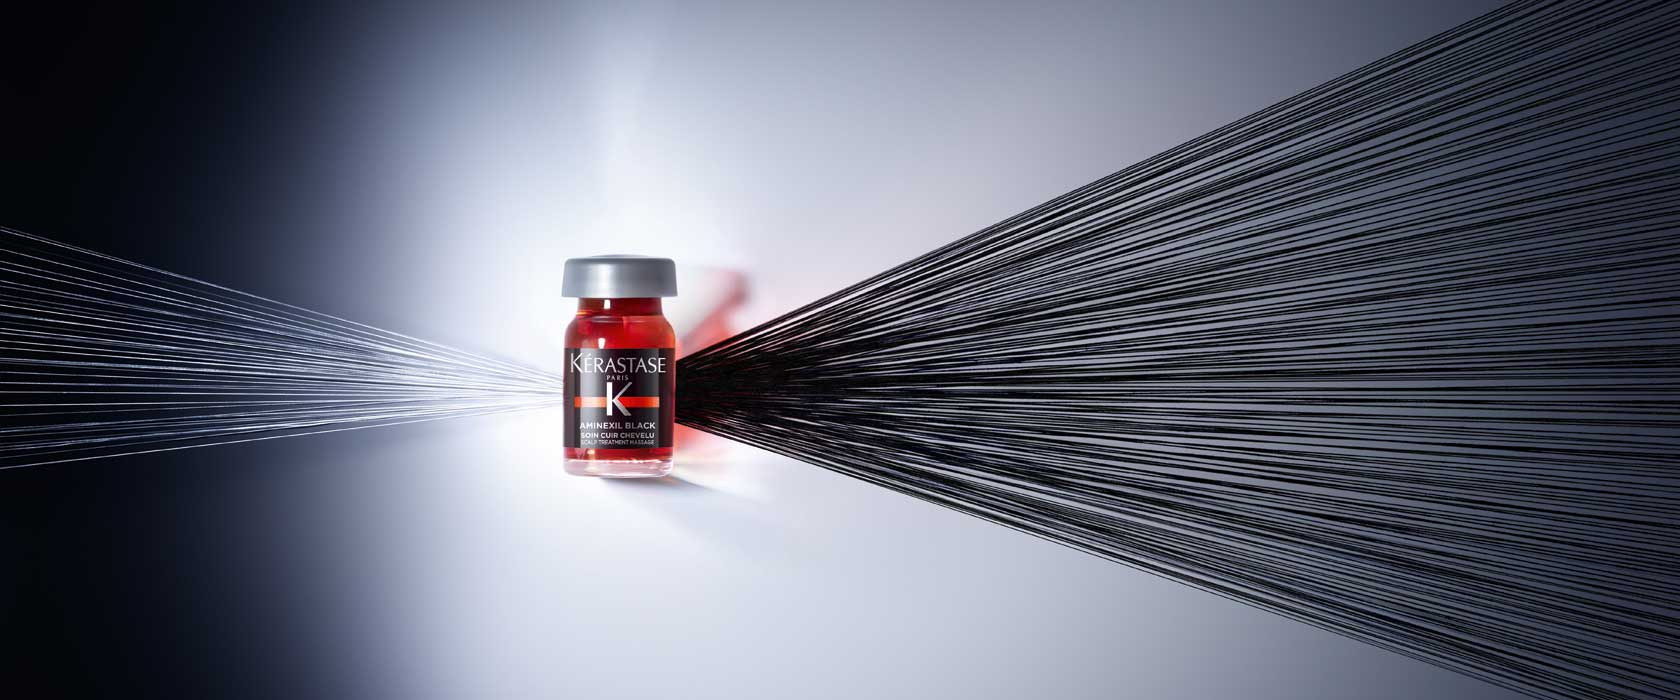 Combate la caída de tu cabello con Aminexil de Kerastase